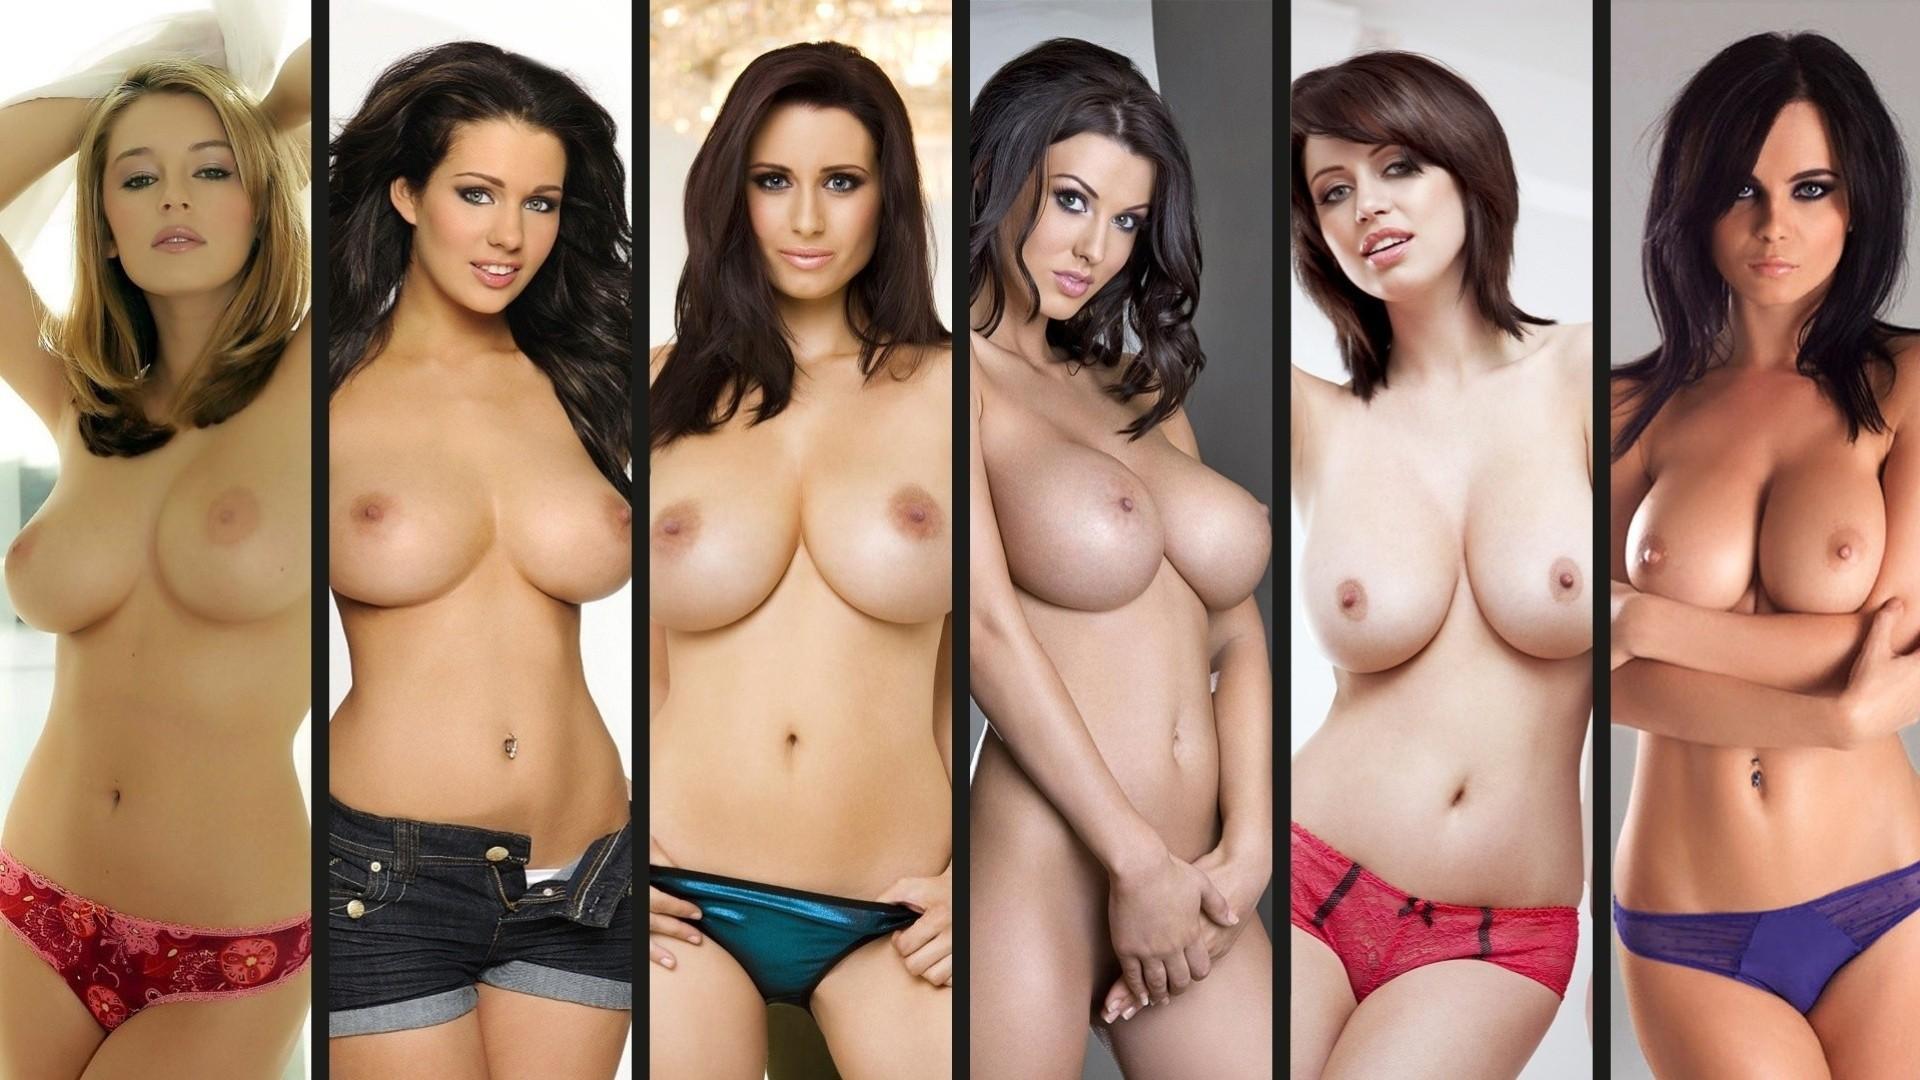 грудь пятого размера фото секс порно видео